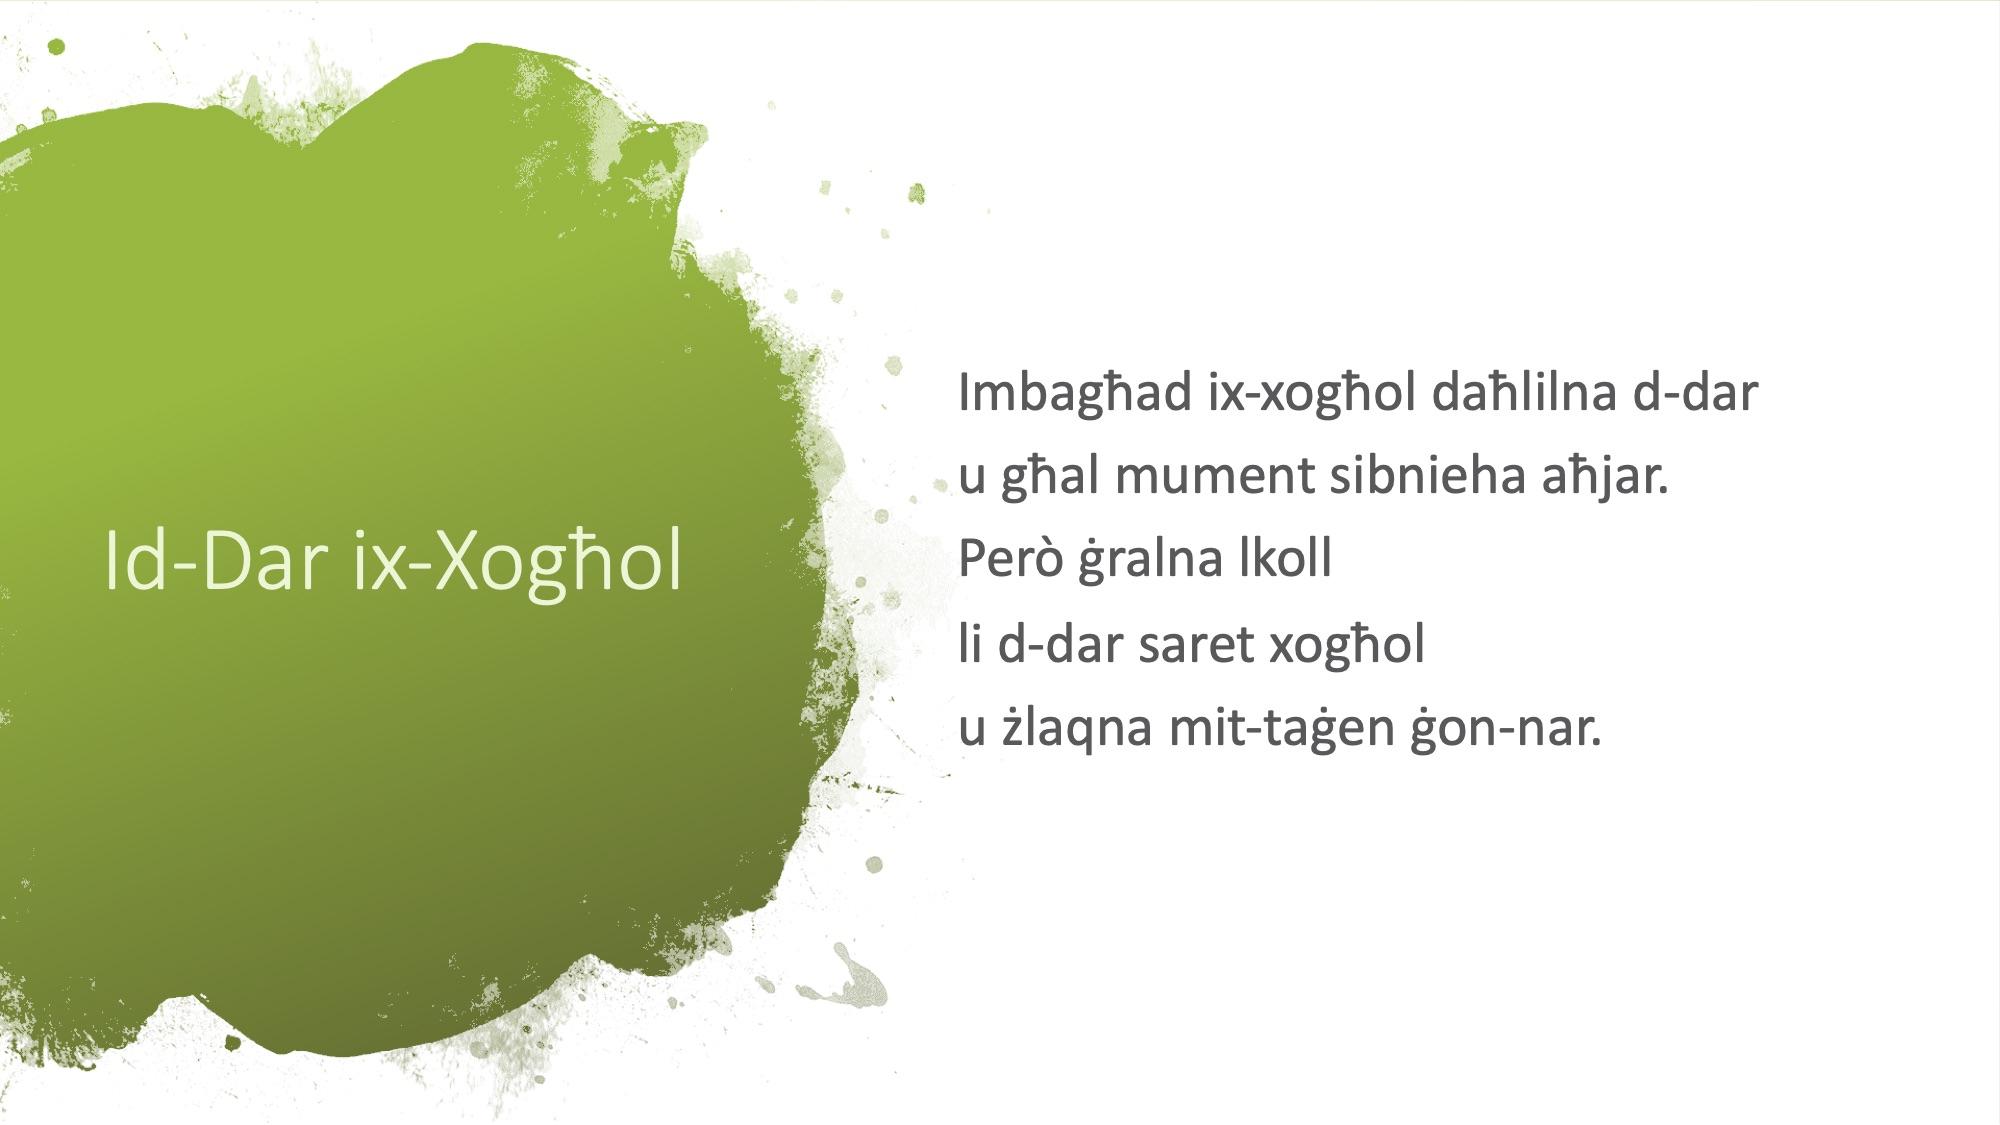 Il-Limerikki tal-Covid-19 - Id-Dar ix-Xogħol - 2